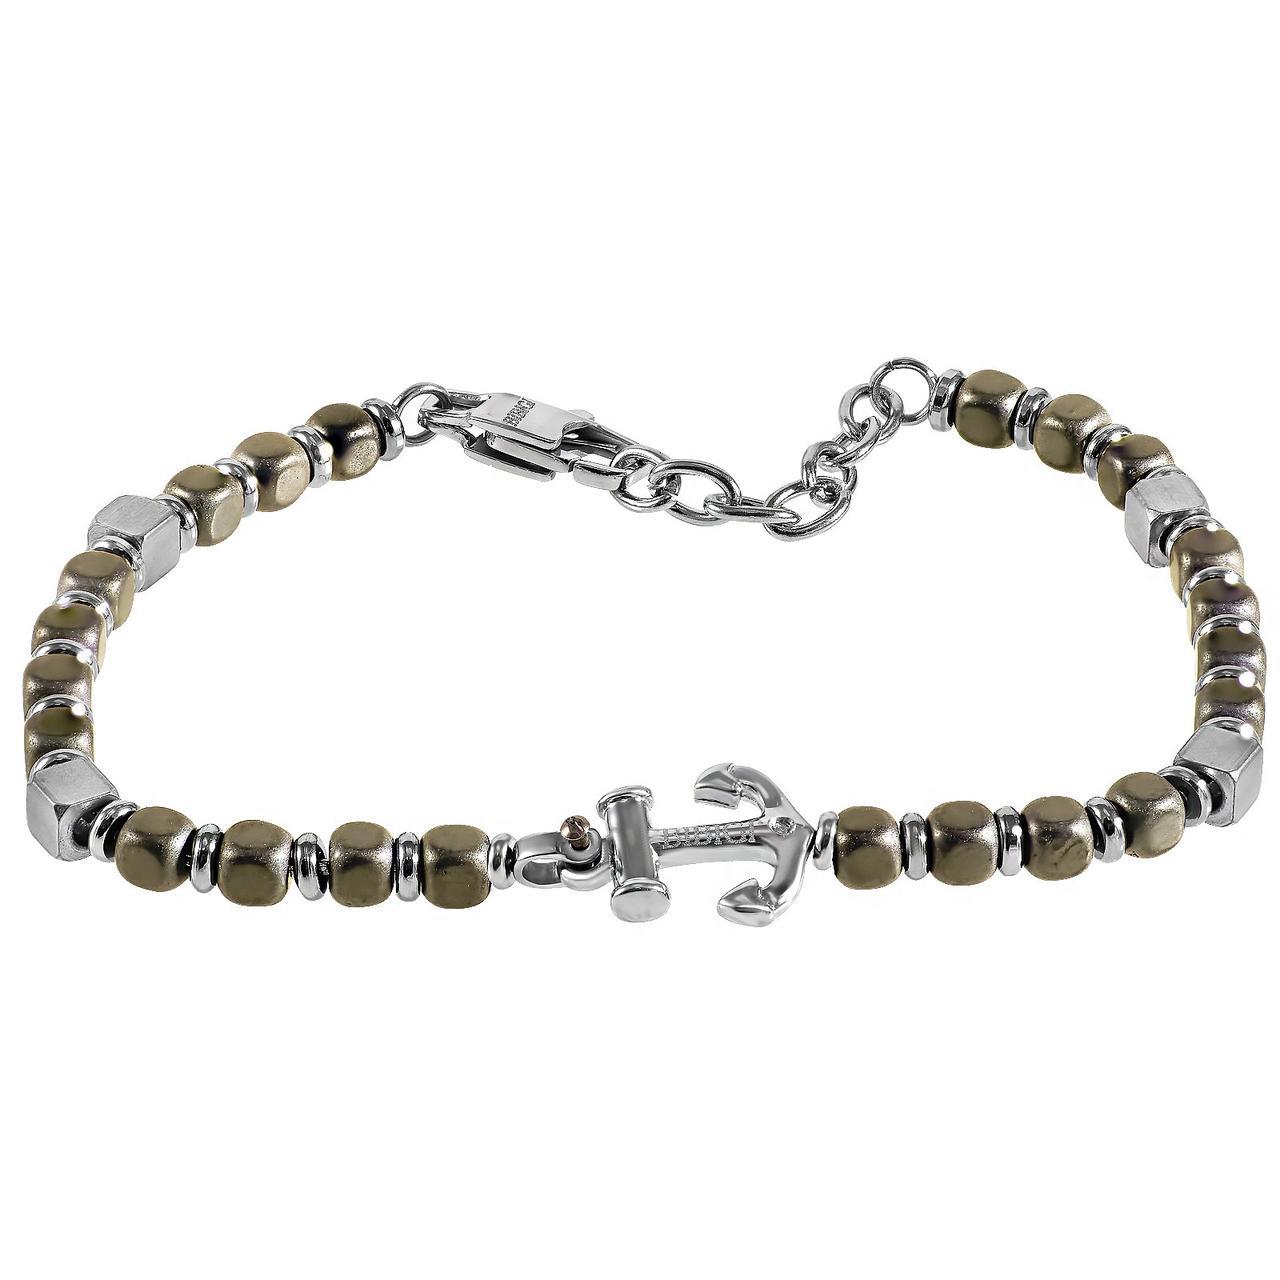 Мужской браслет из стали с бриллиантом, размер 22 (1681780)